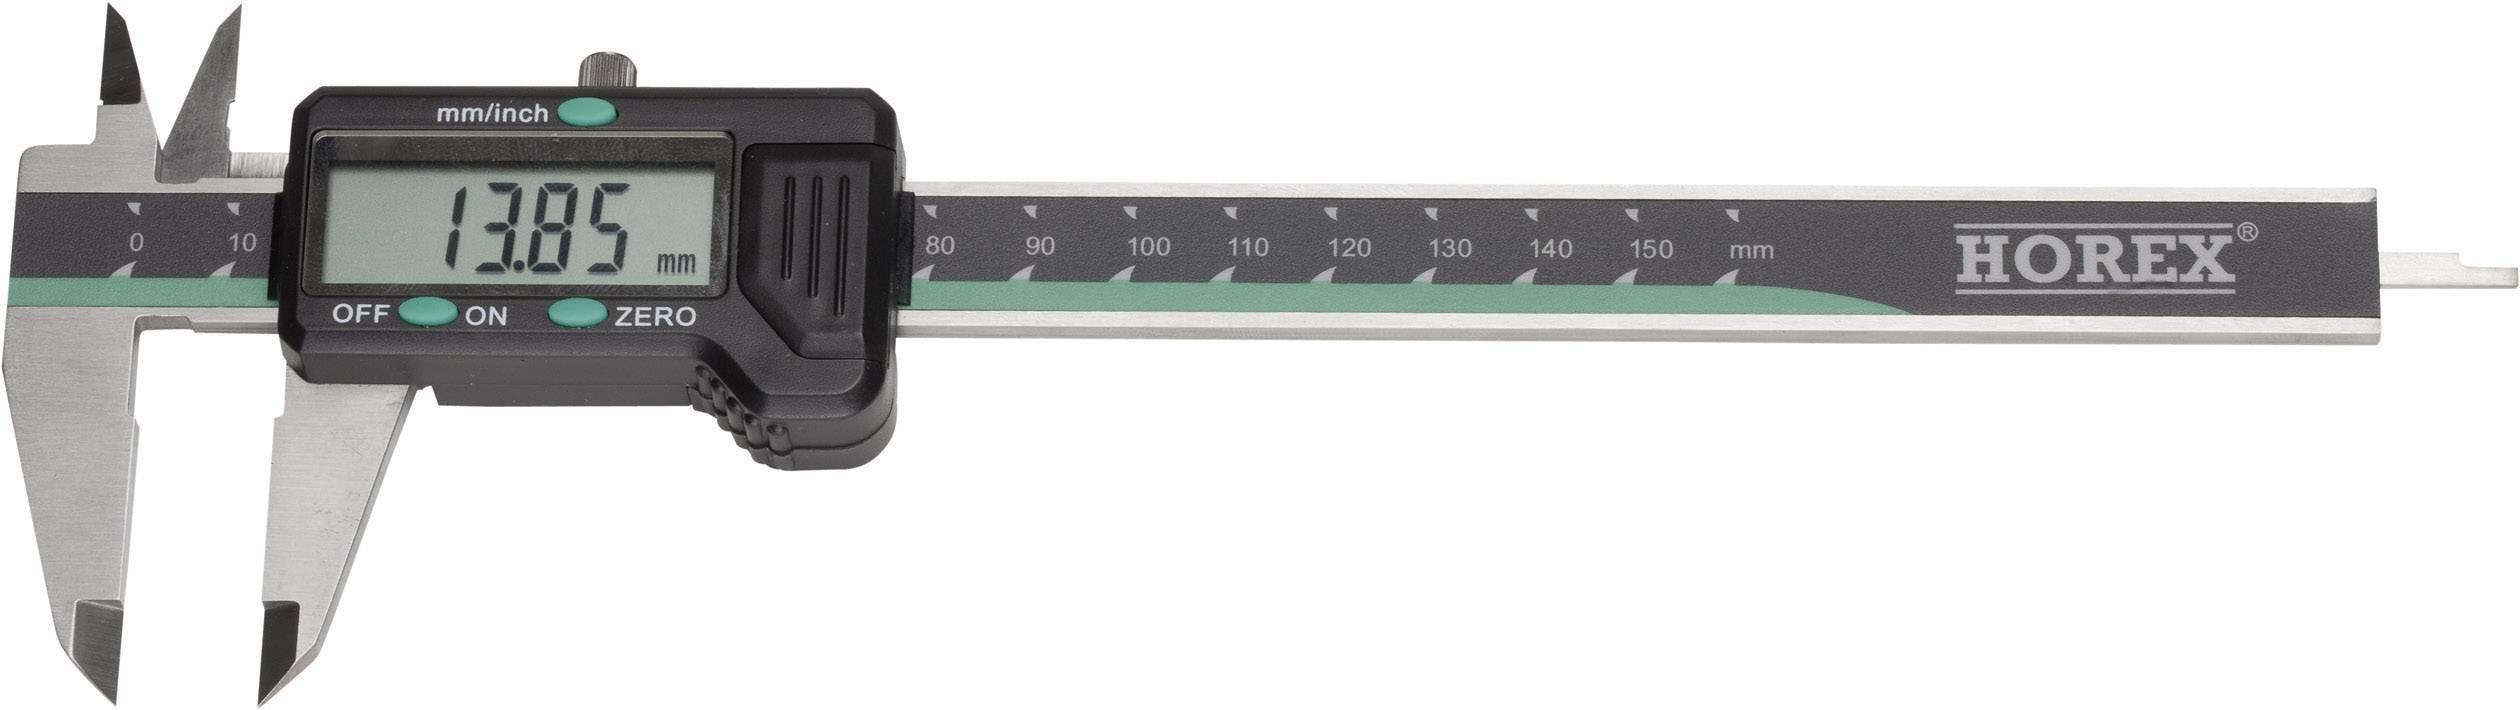 Digitální posuvné měřítko Horex 2211218, měřicí rozsah 200 mm